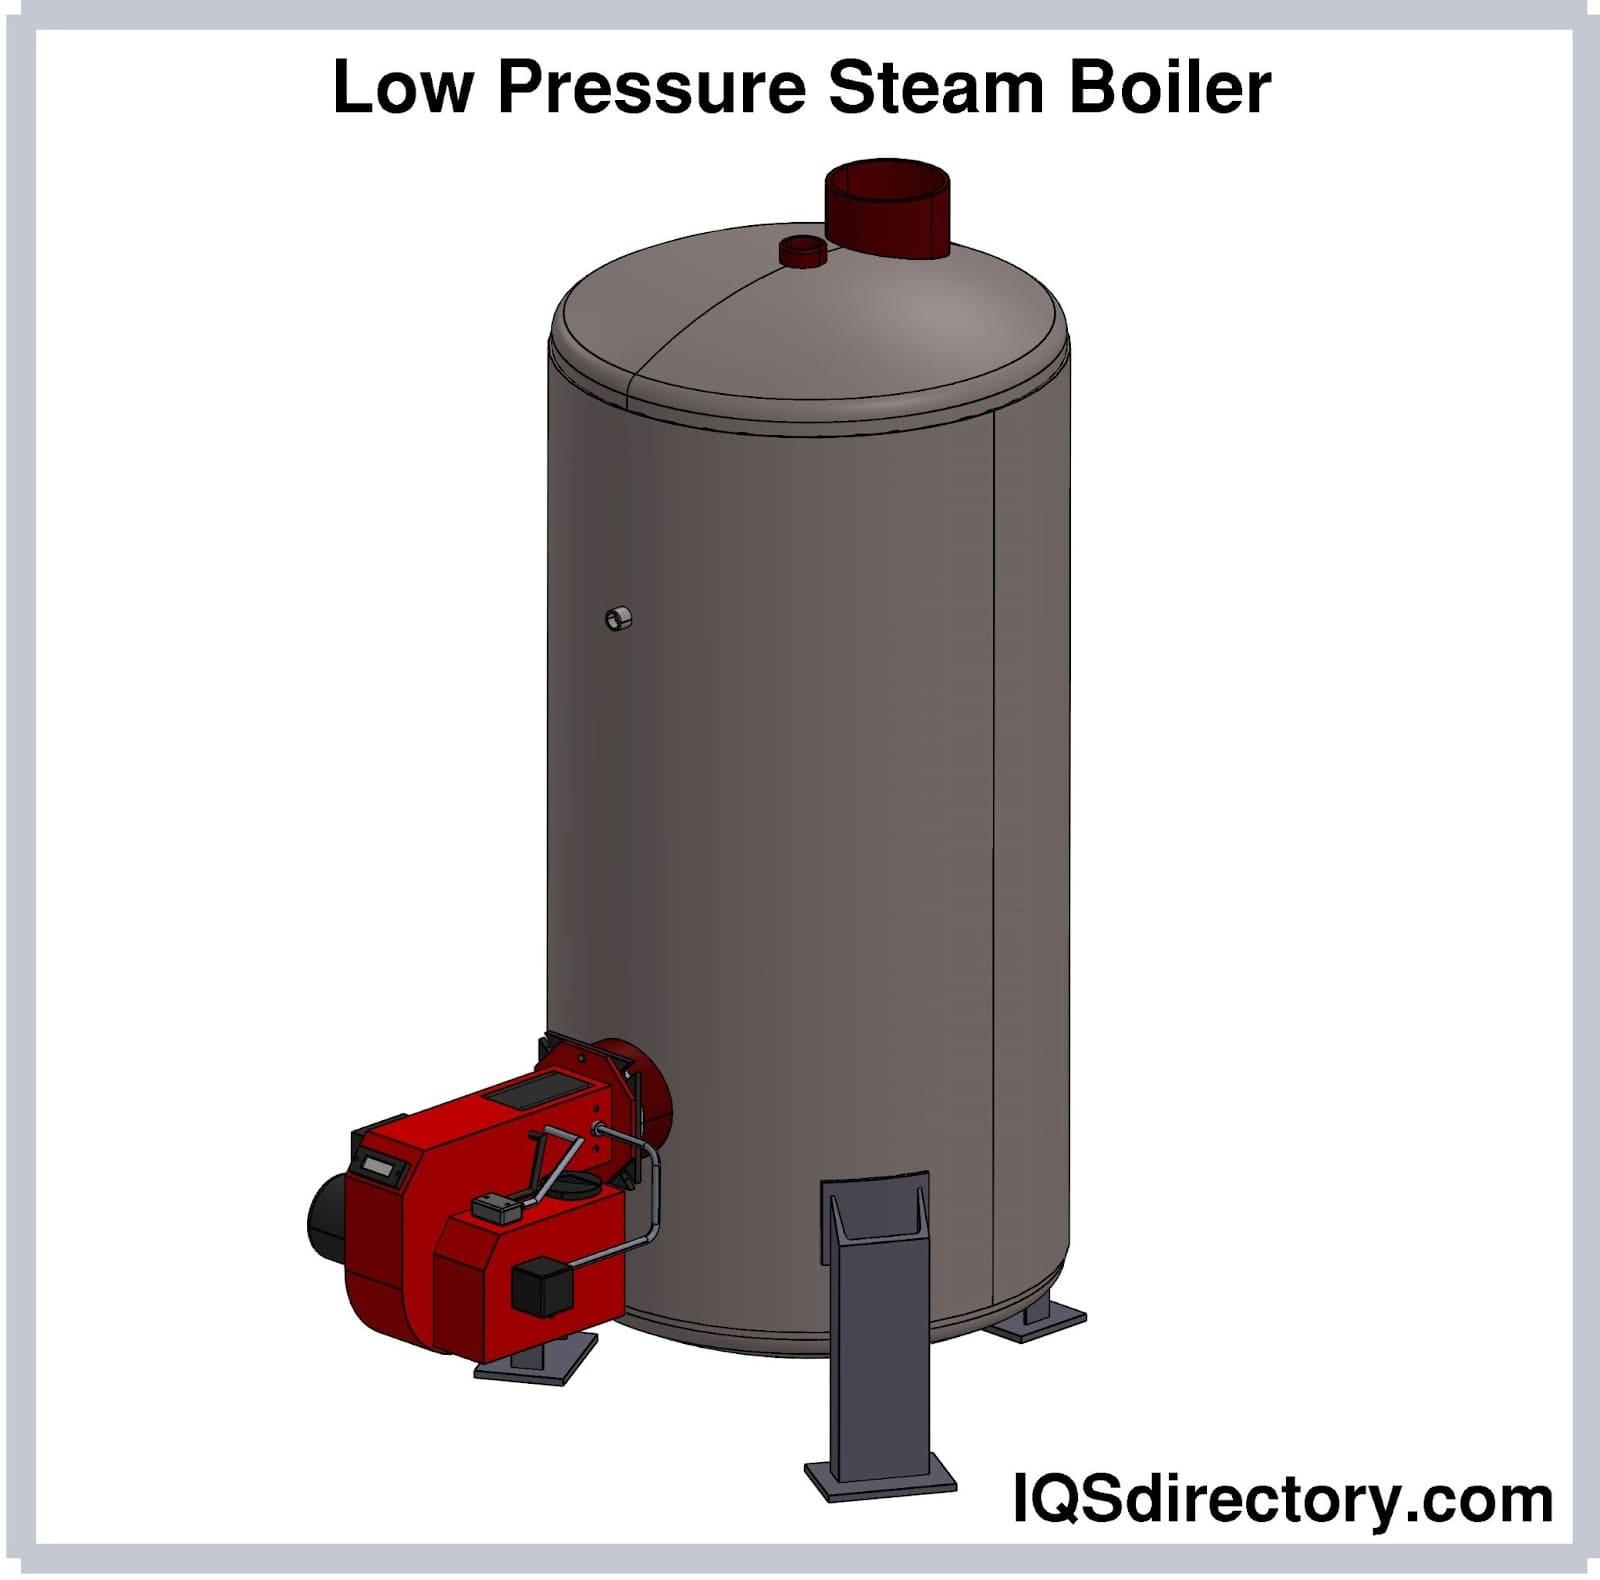 Low Pressure Steam Boiler